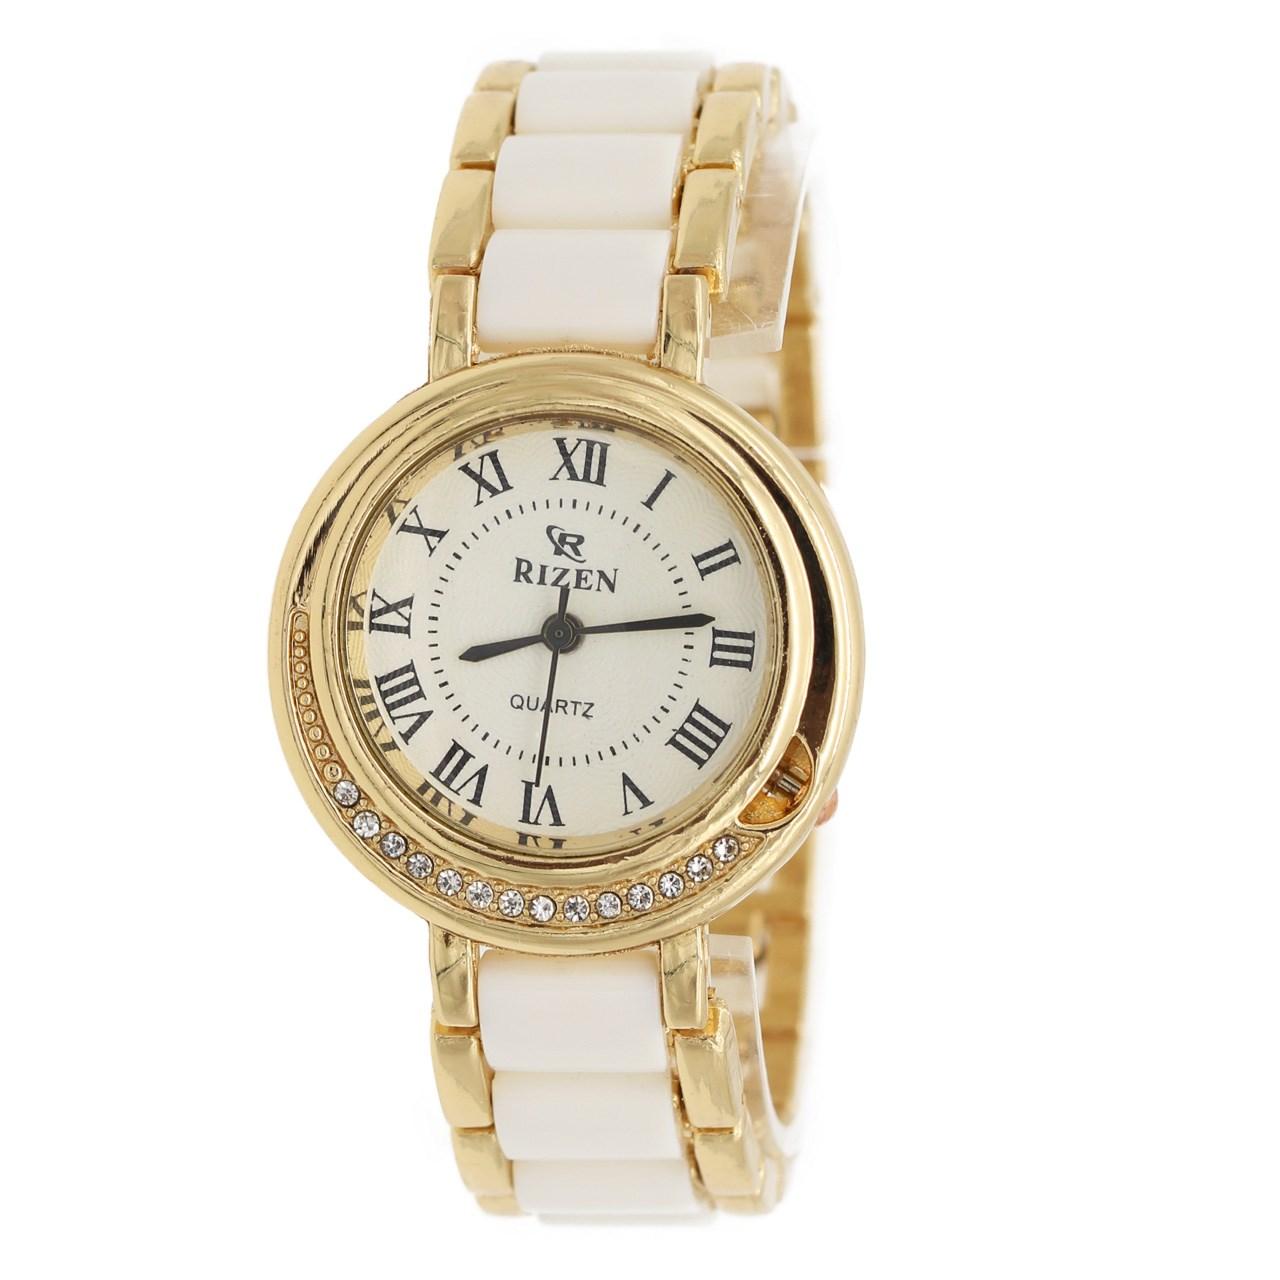 ساعت مچی عقربه ای زنانه ریزن مدل RZ740